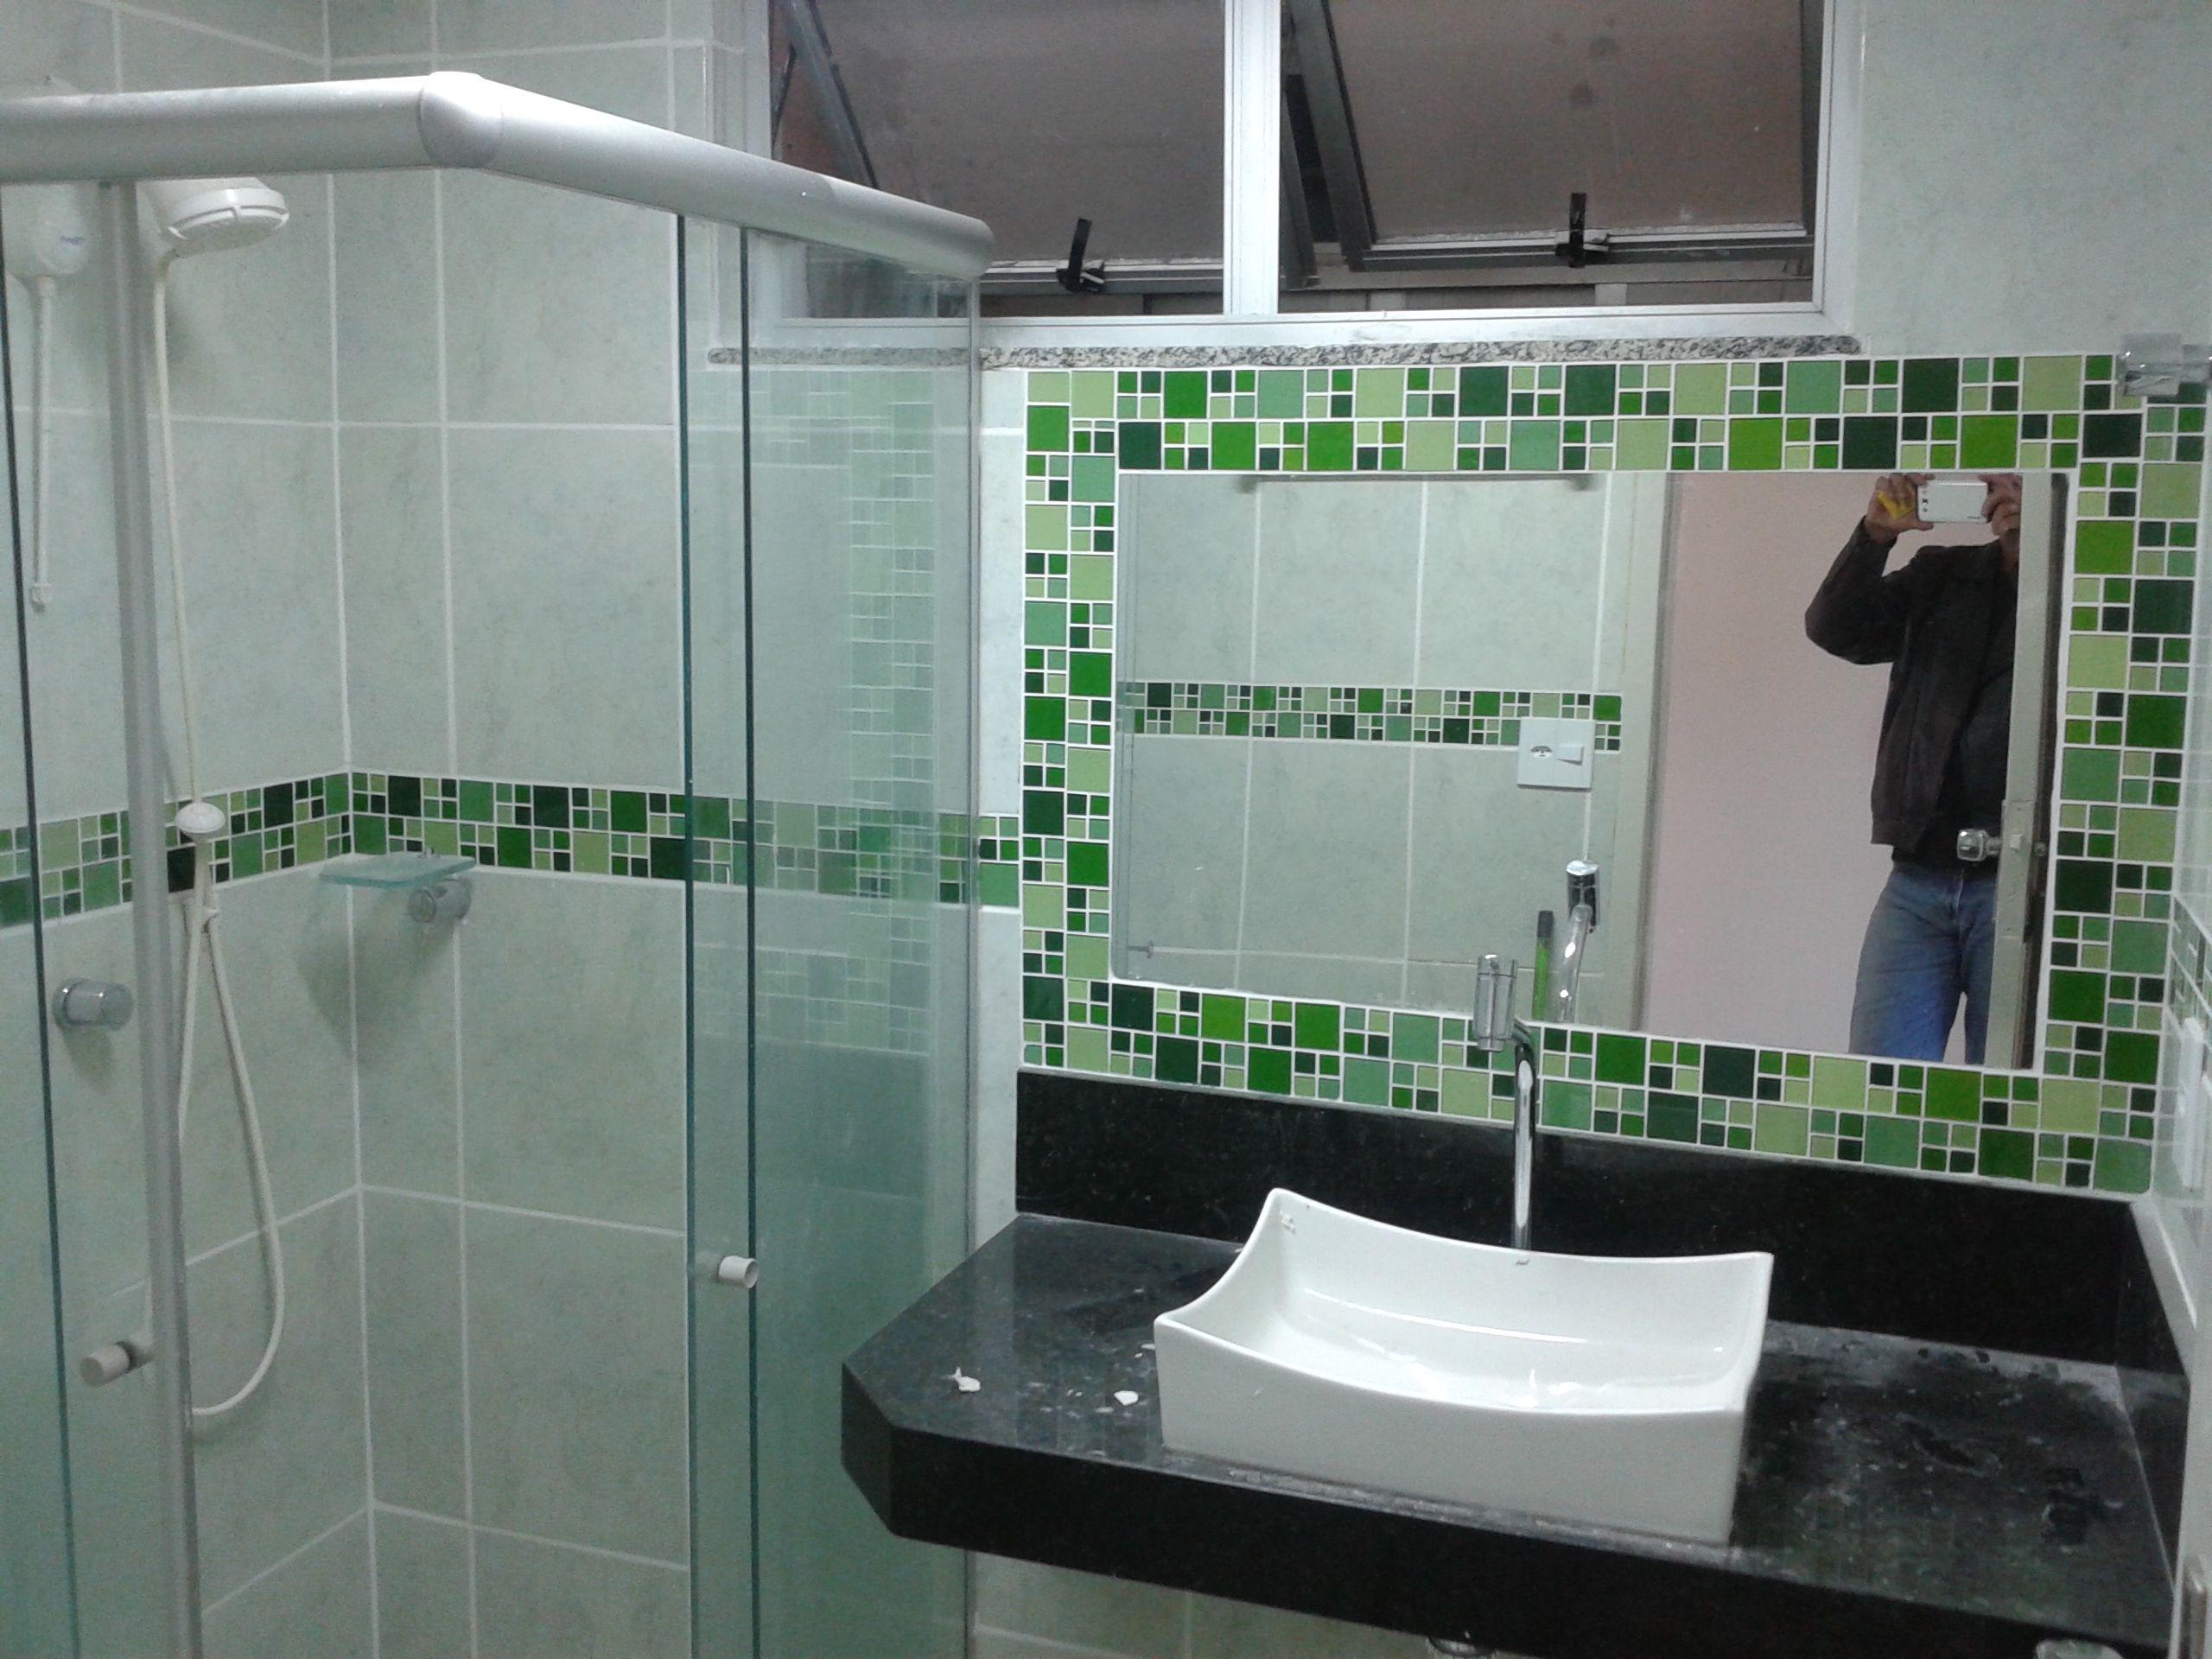 Moldura de espelho com faixa para banheiro em pastilhas de vidro  Renato Kle -> Banheiro Faixa Pastilha De Vidro